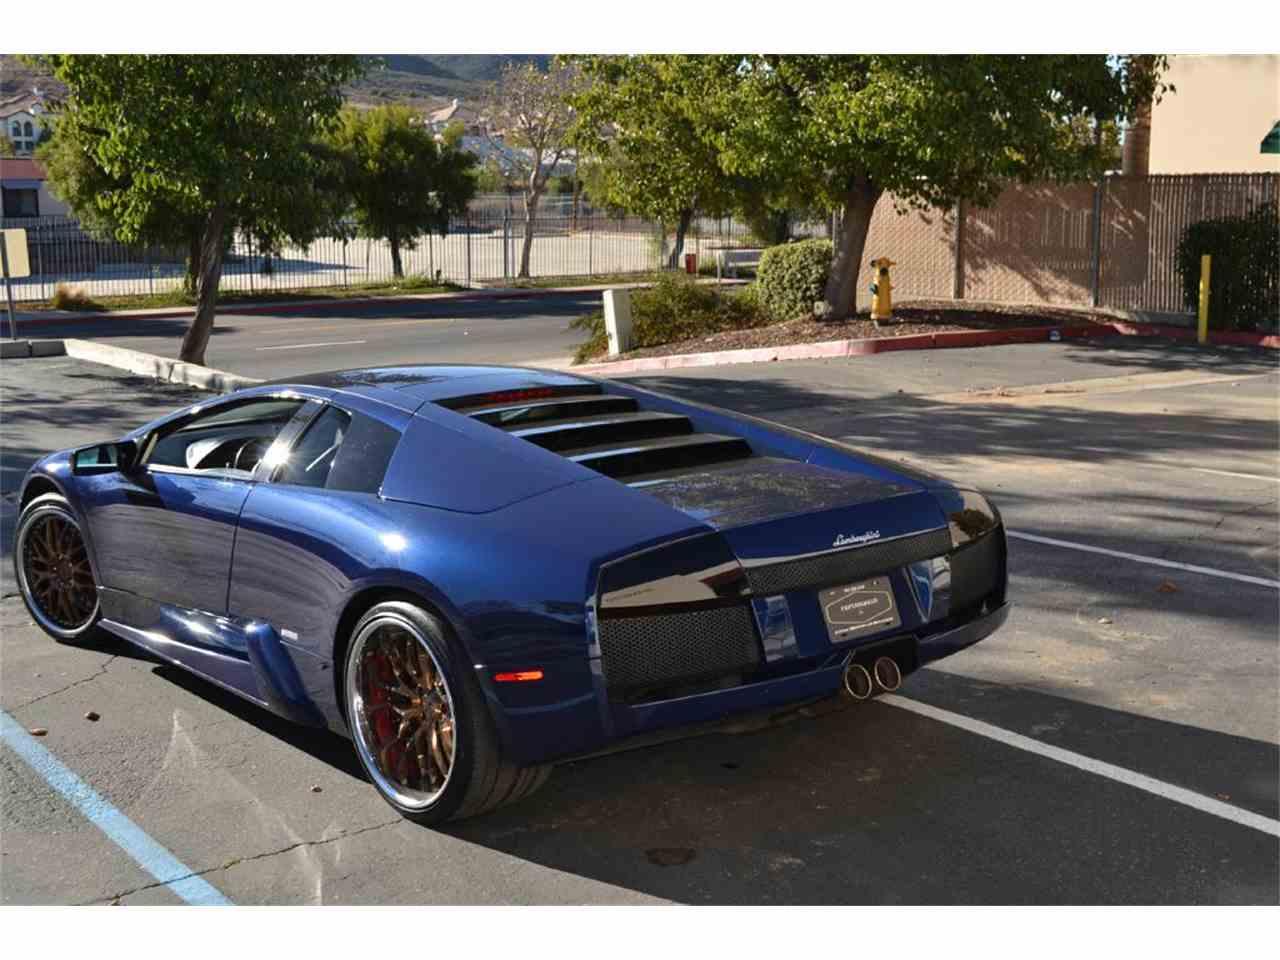 Large Picture of 2004 Lamborghini Murcielago - $110,000.00 - LVJ1